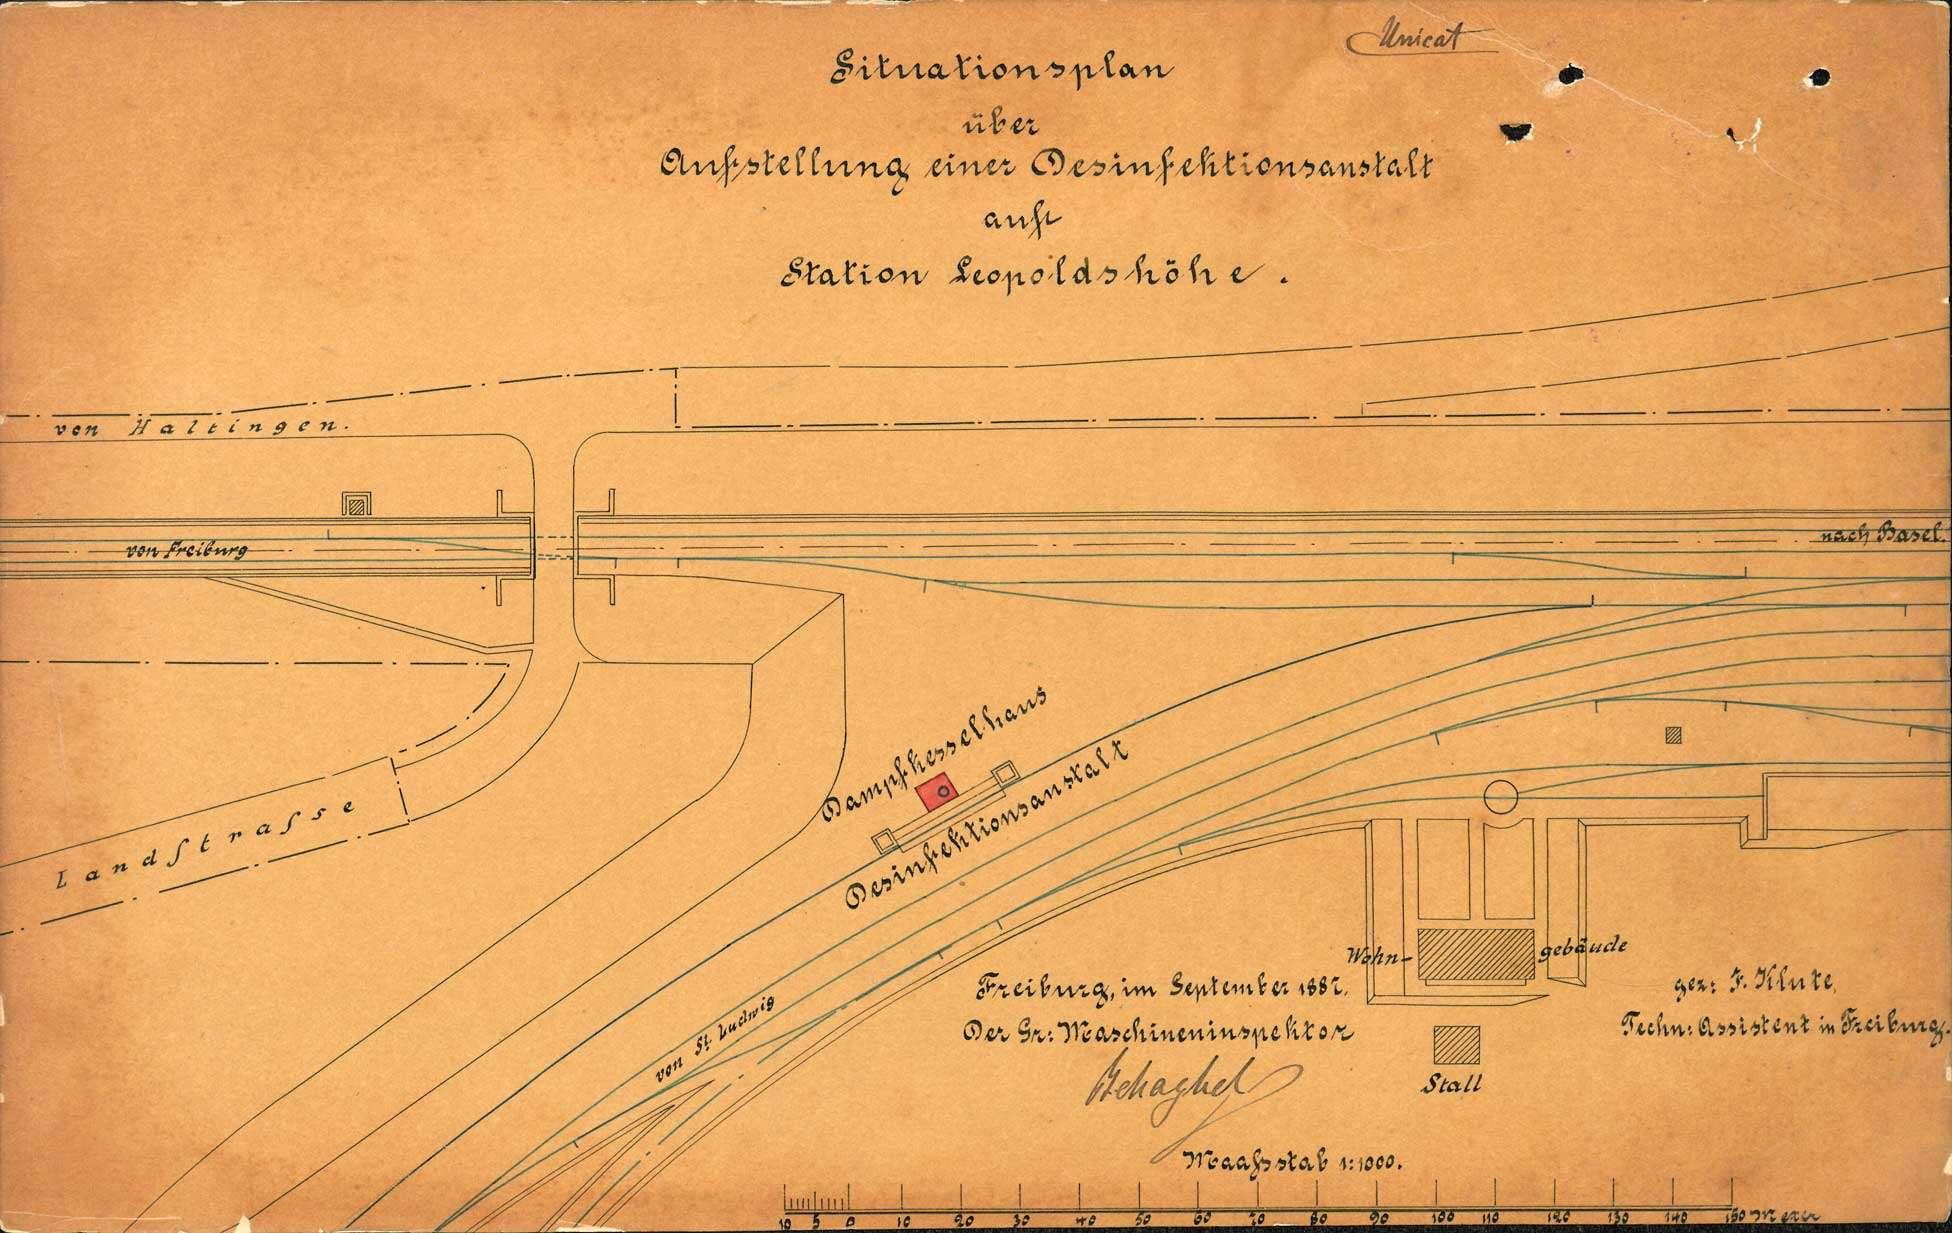 Gesuch der Maschineninspektion Freiburg um Genehmigung zur Aufstellung eines Dampfkessels auf dem Bahnhof Leopoldshöhe; Revision und Stilllegung des Kessels, Bild 1